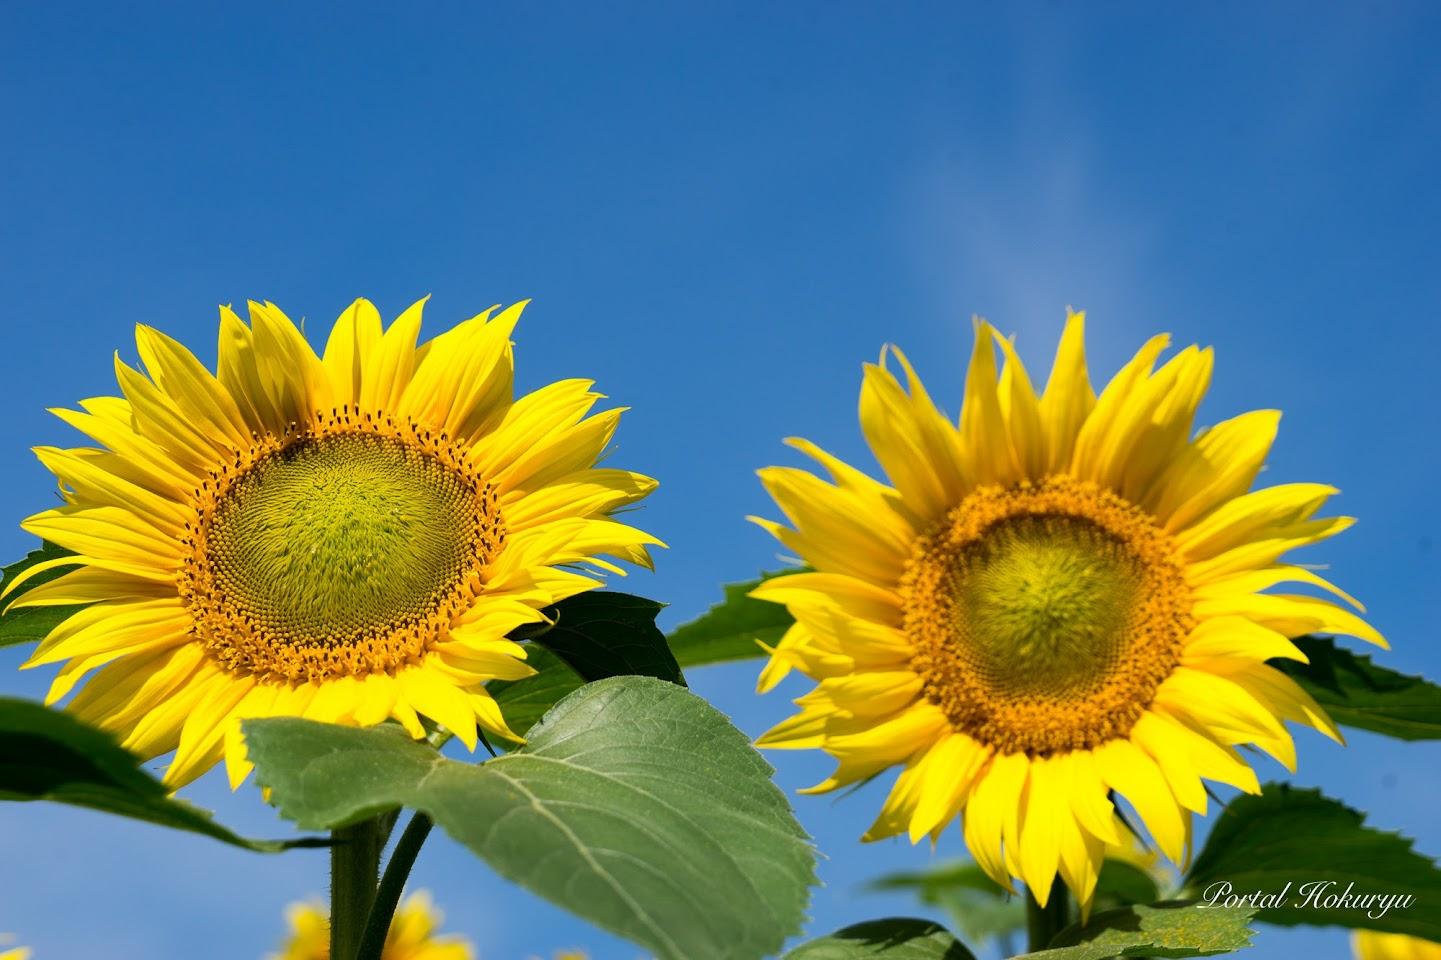 青空に輝く幸せの花・ひまわり♡